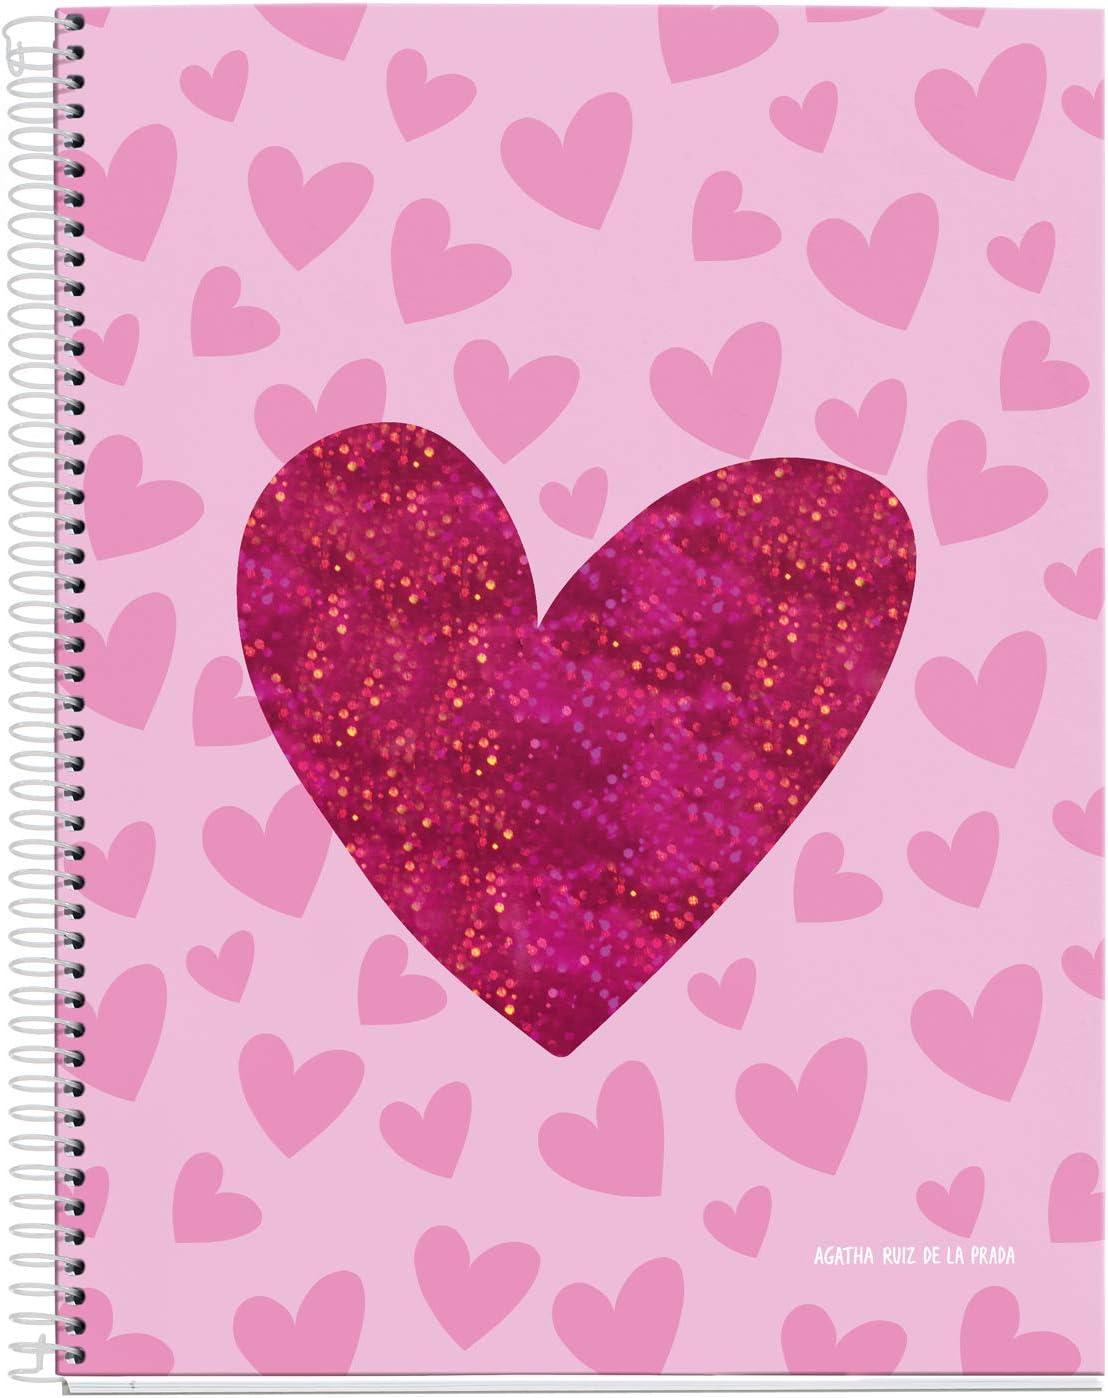 Agatha Ruiz de la Prada Cuaderno A4 cuadrícula 120 hojas Lurex